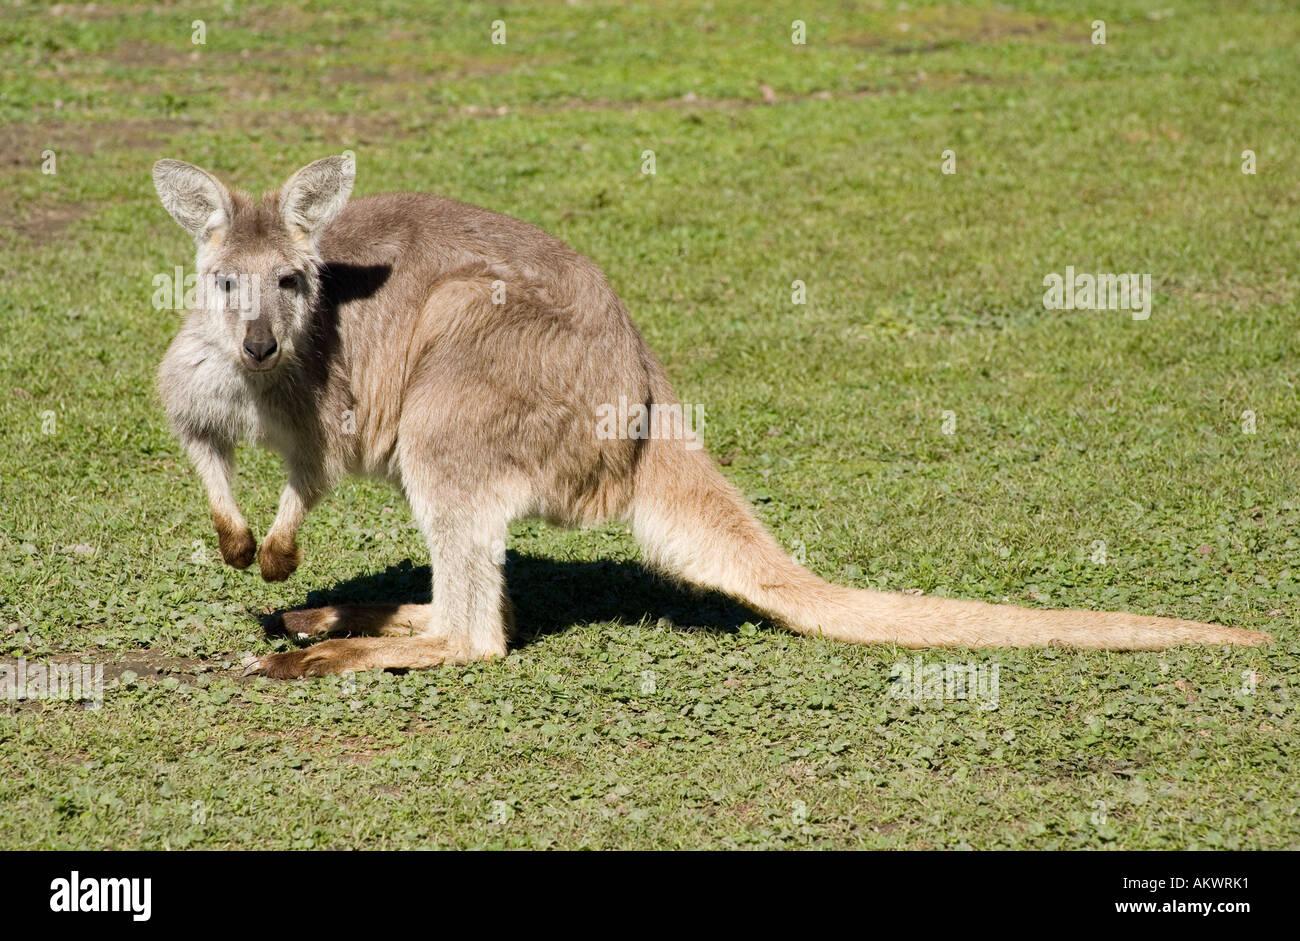 an-eastern-wallaroo-macropus-robustus-AKWRK1.jpg